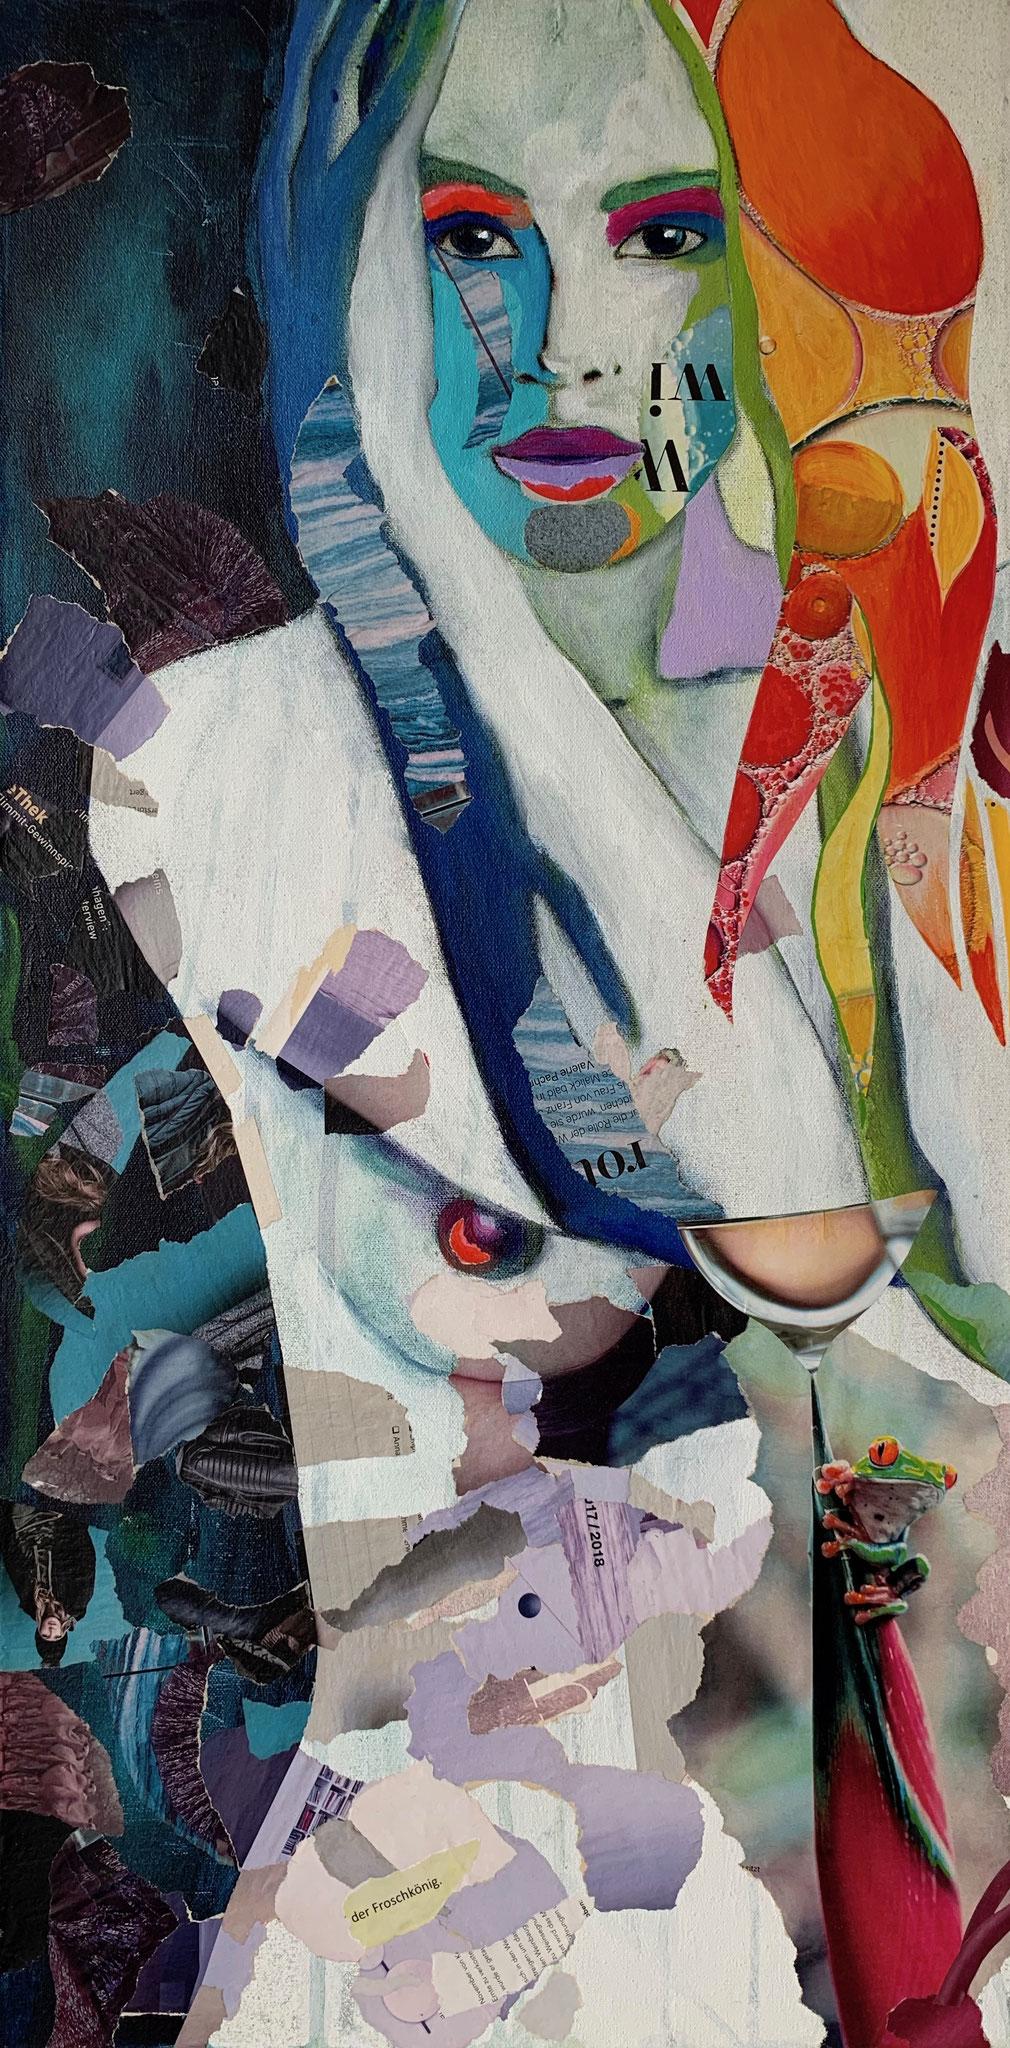 Der Froschkönig, Collage, 80 x 40 cm